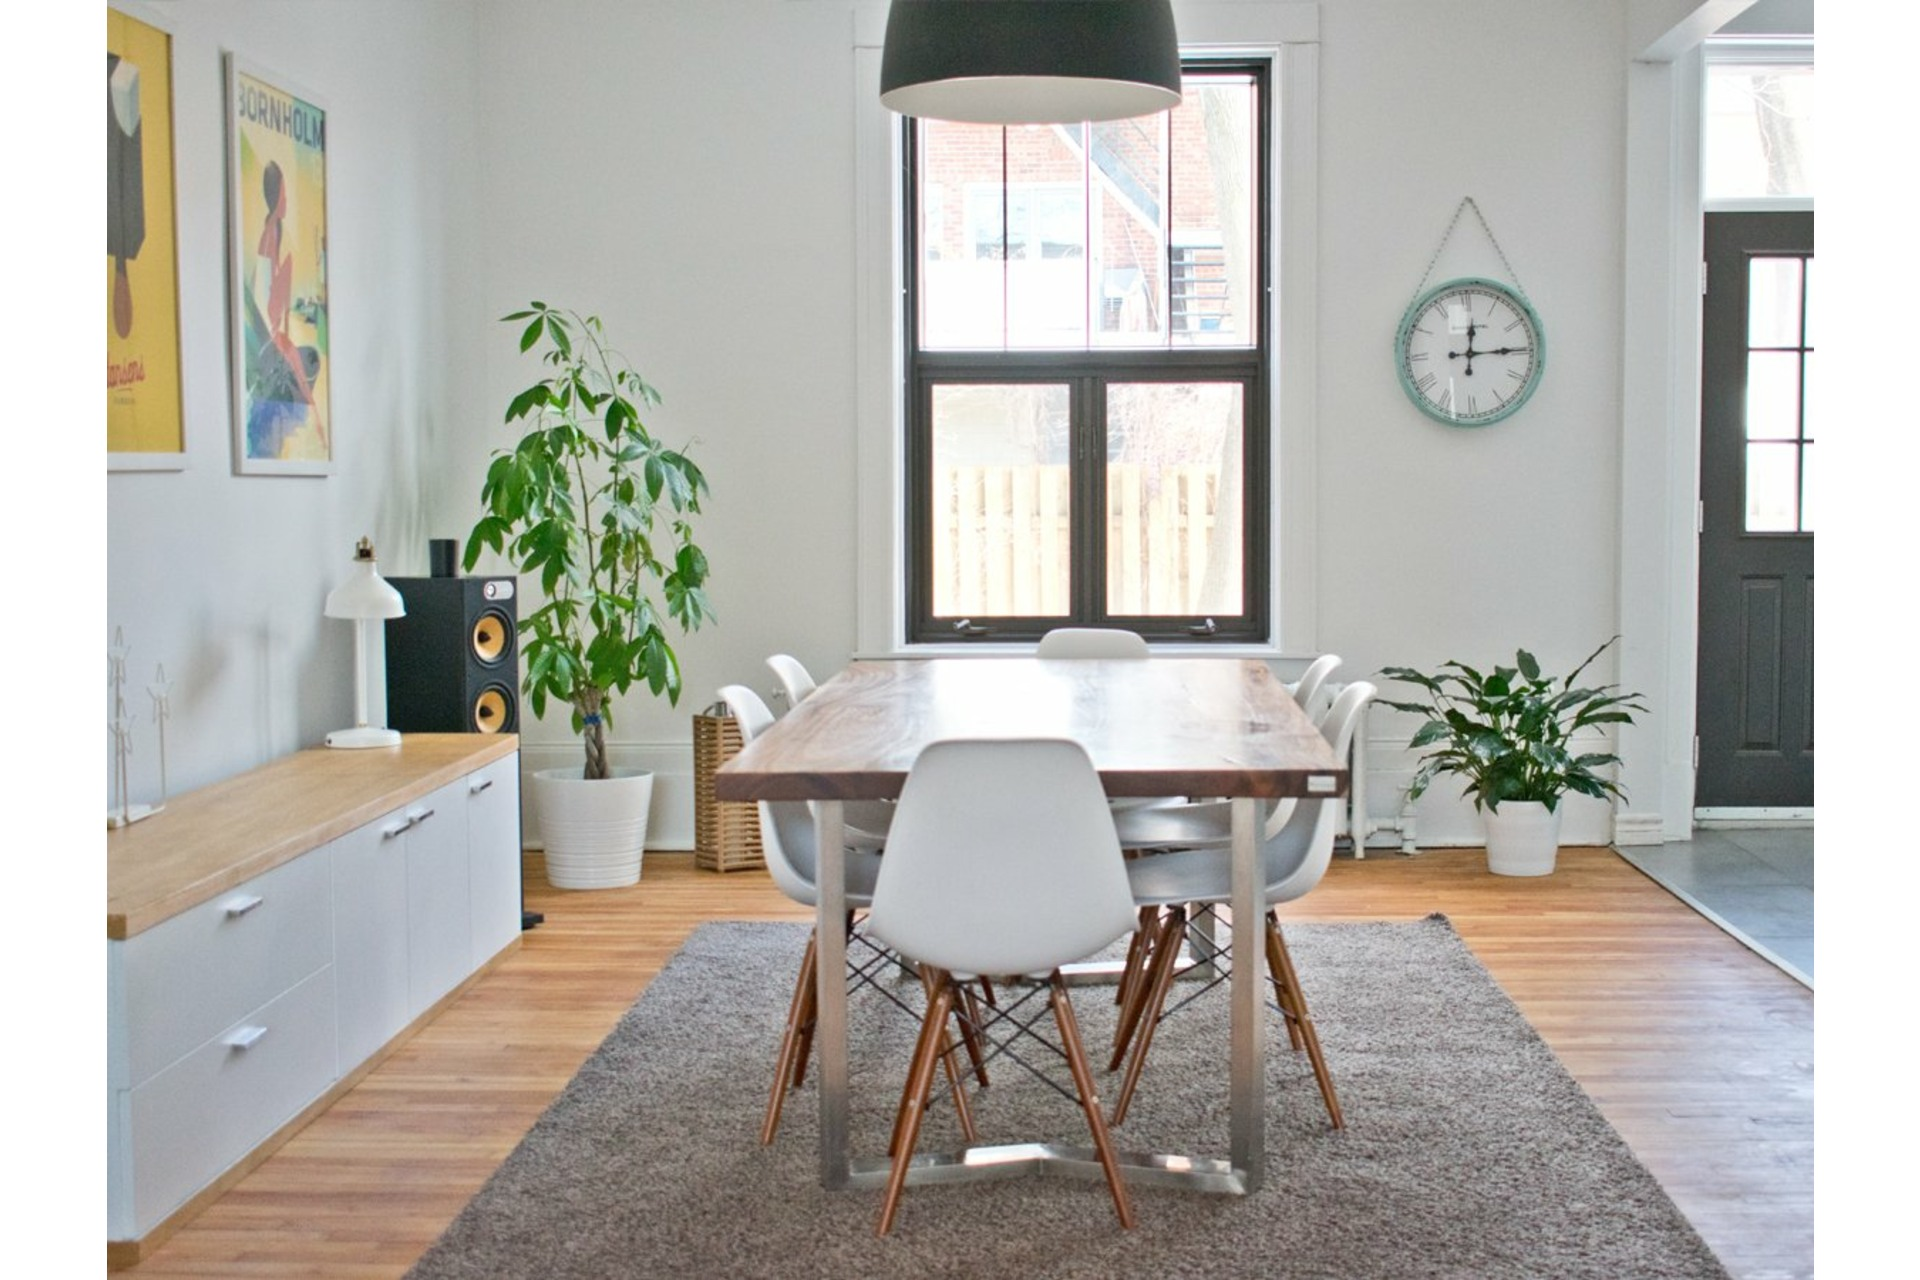 image 5 - Maison À vendre Côte-des-Neiges/Notre-Dame-de-Grâce Montréal  - 14 pièces